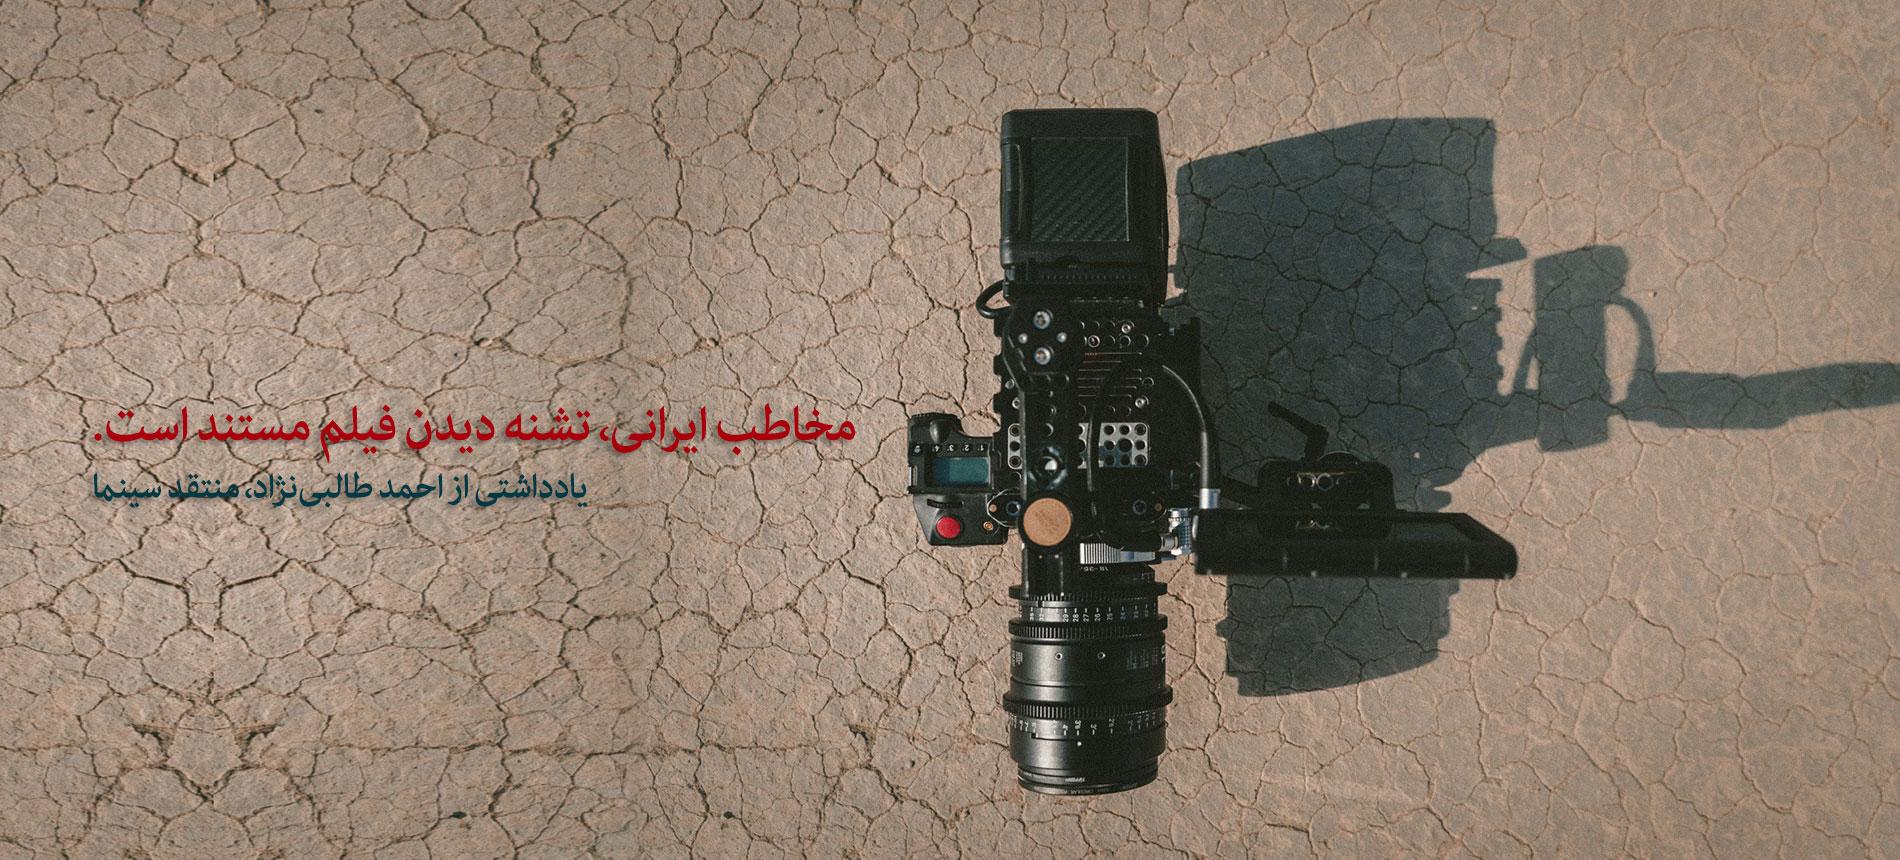 مخاطب ایرانی، تشنه دیدن فیلم مستند است/ یادداشتی از احمد طالبی نژاد، منتقد سینما